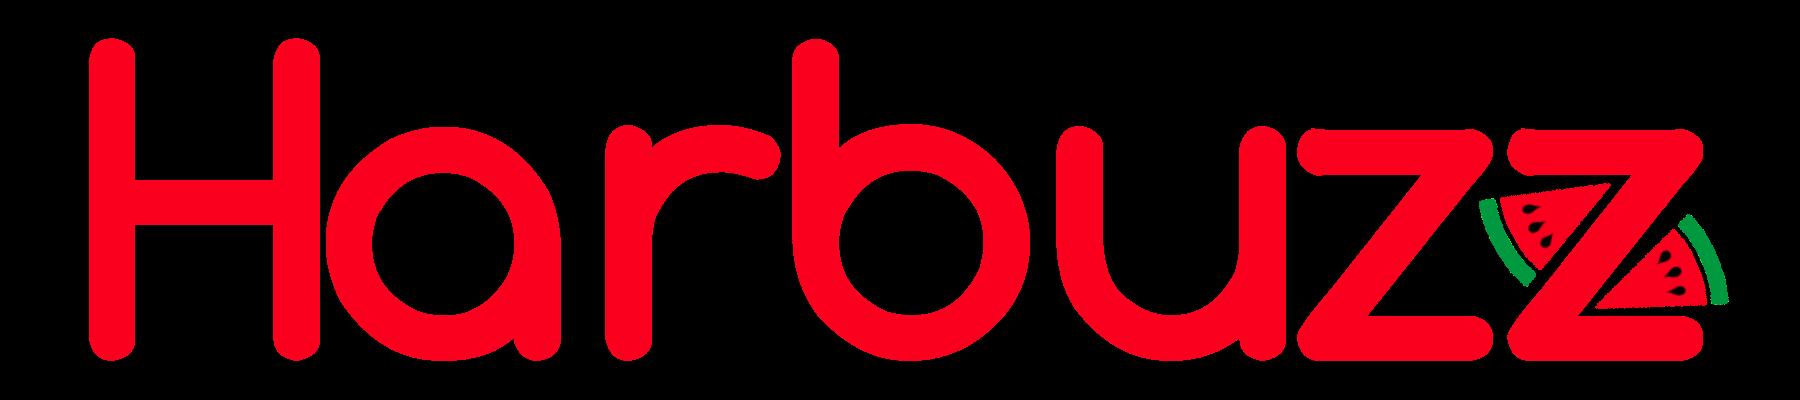 Harbuzz